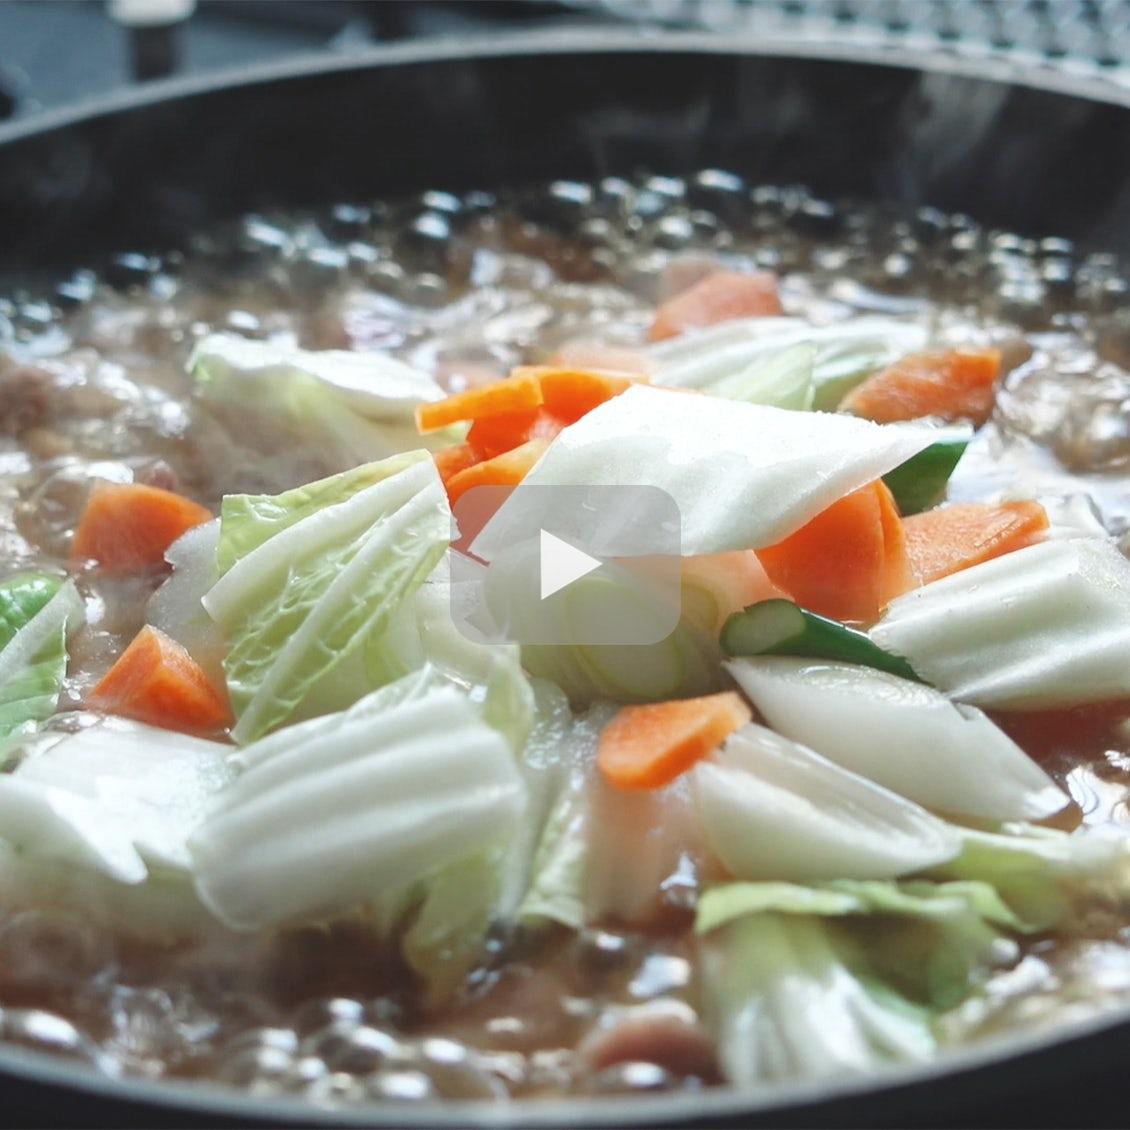 【これがあれば】野菜もぺろり! 困った時に頼れる「あんかけごはんレシピ」